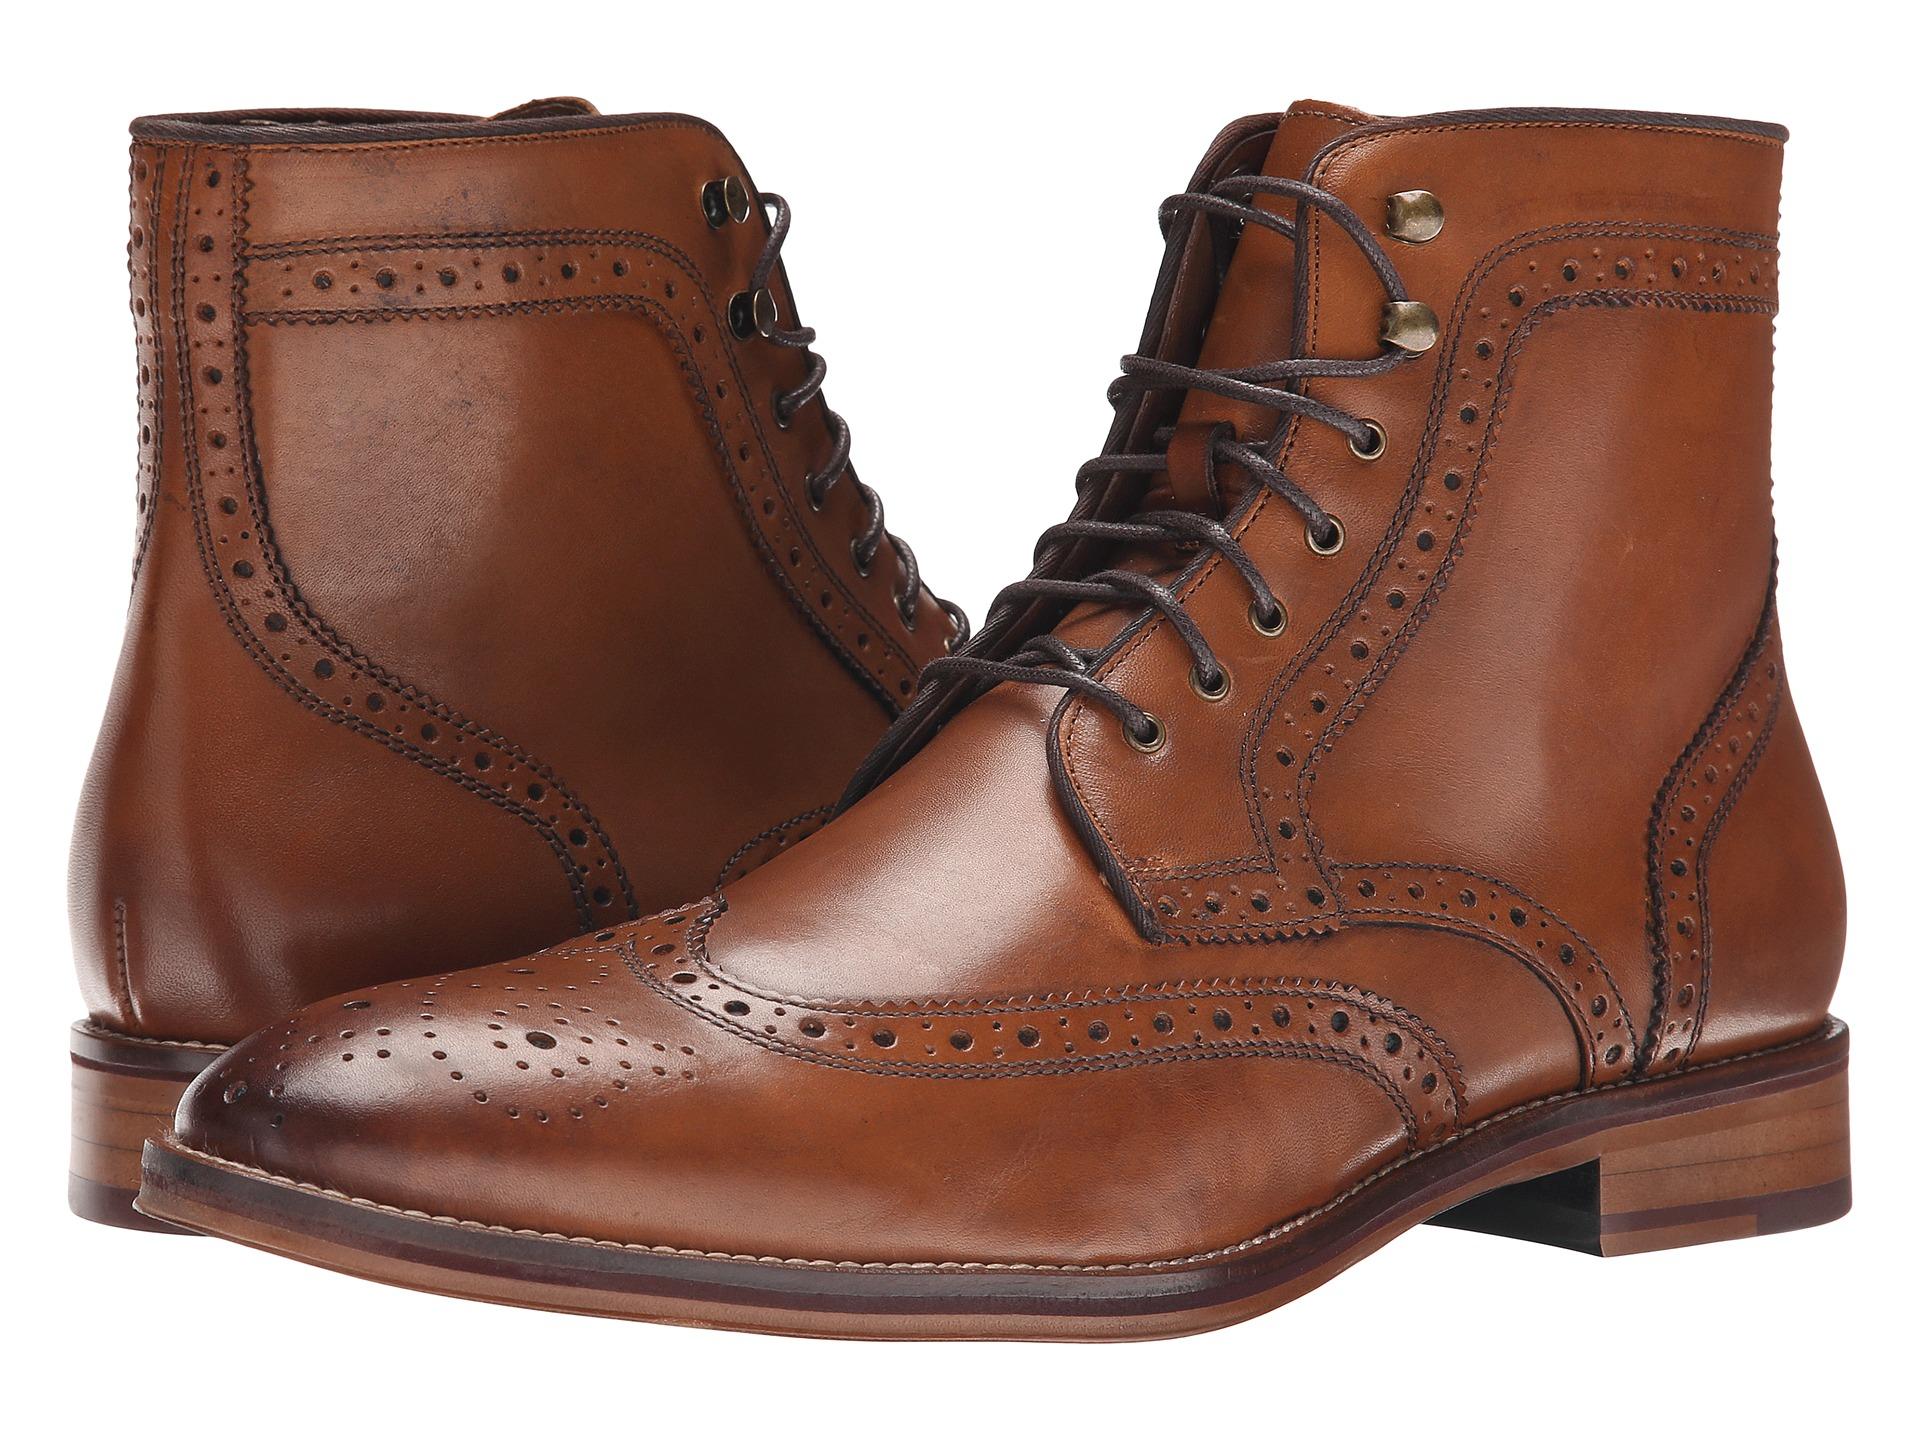 Johnston Amp Murphy Conard Wingtip Boot In Brown For Men Lyst